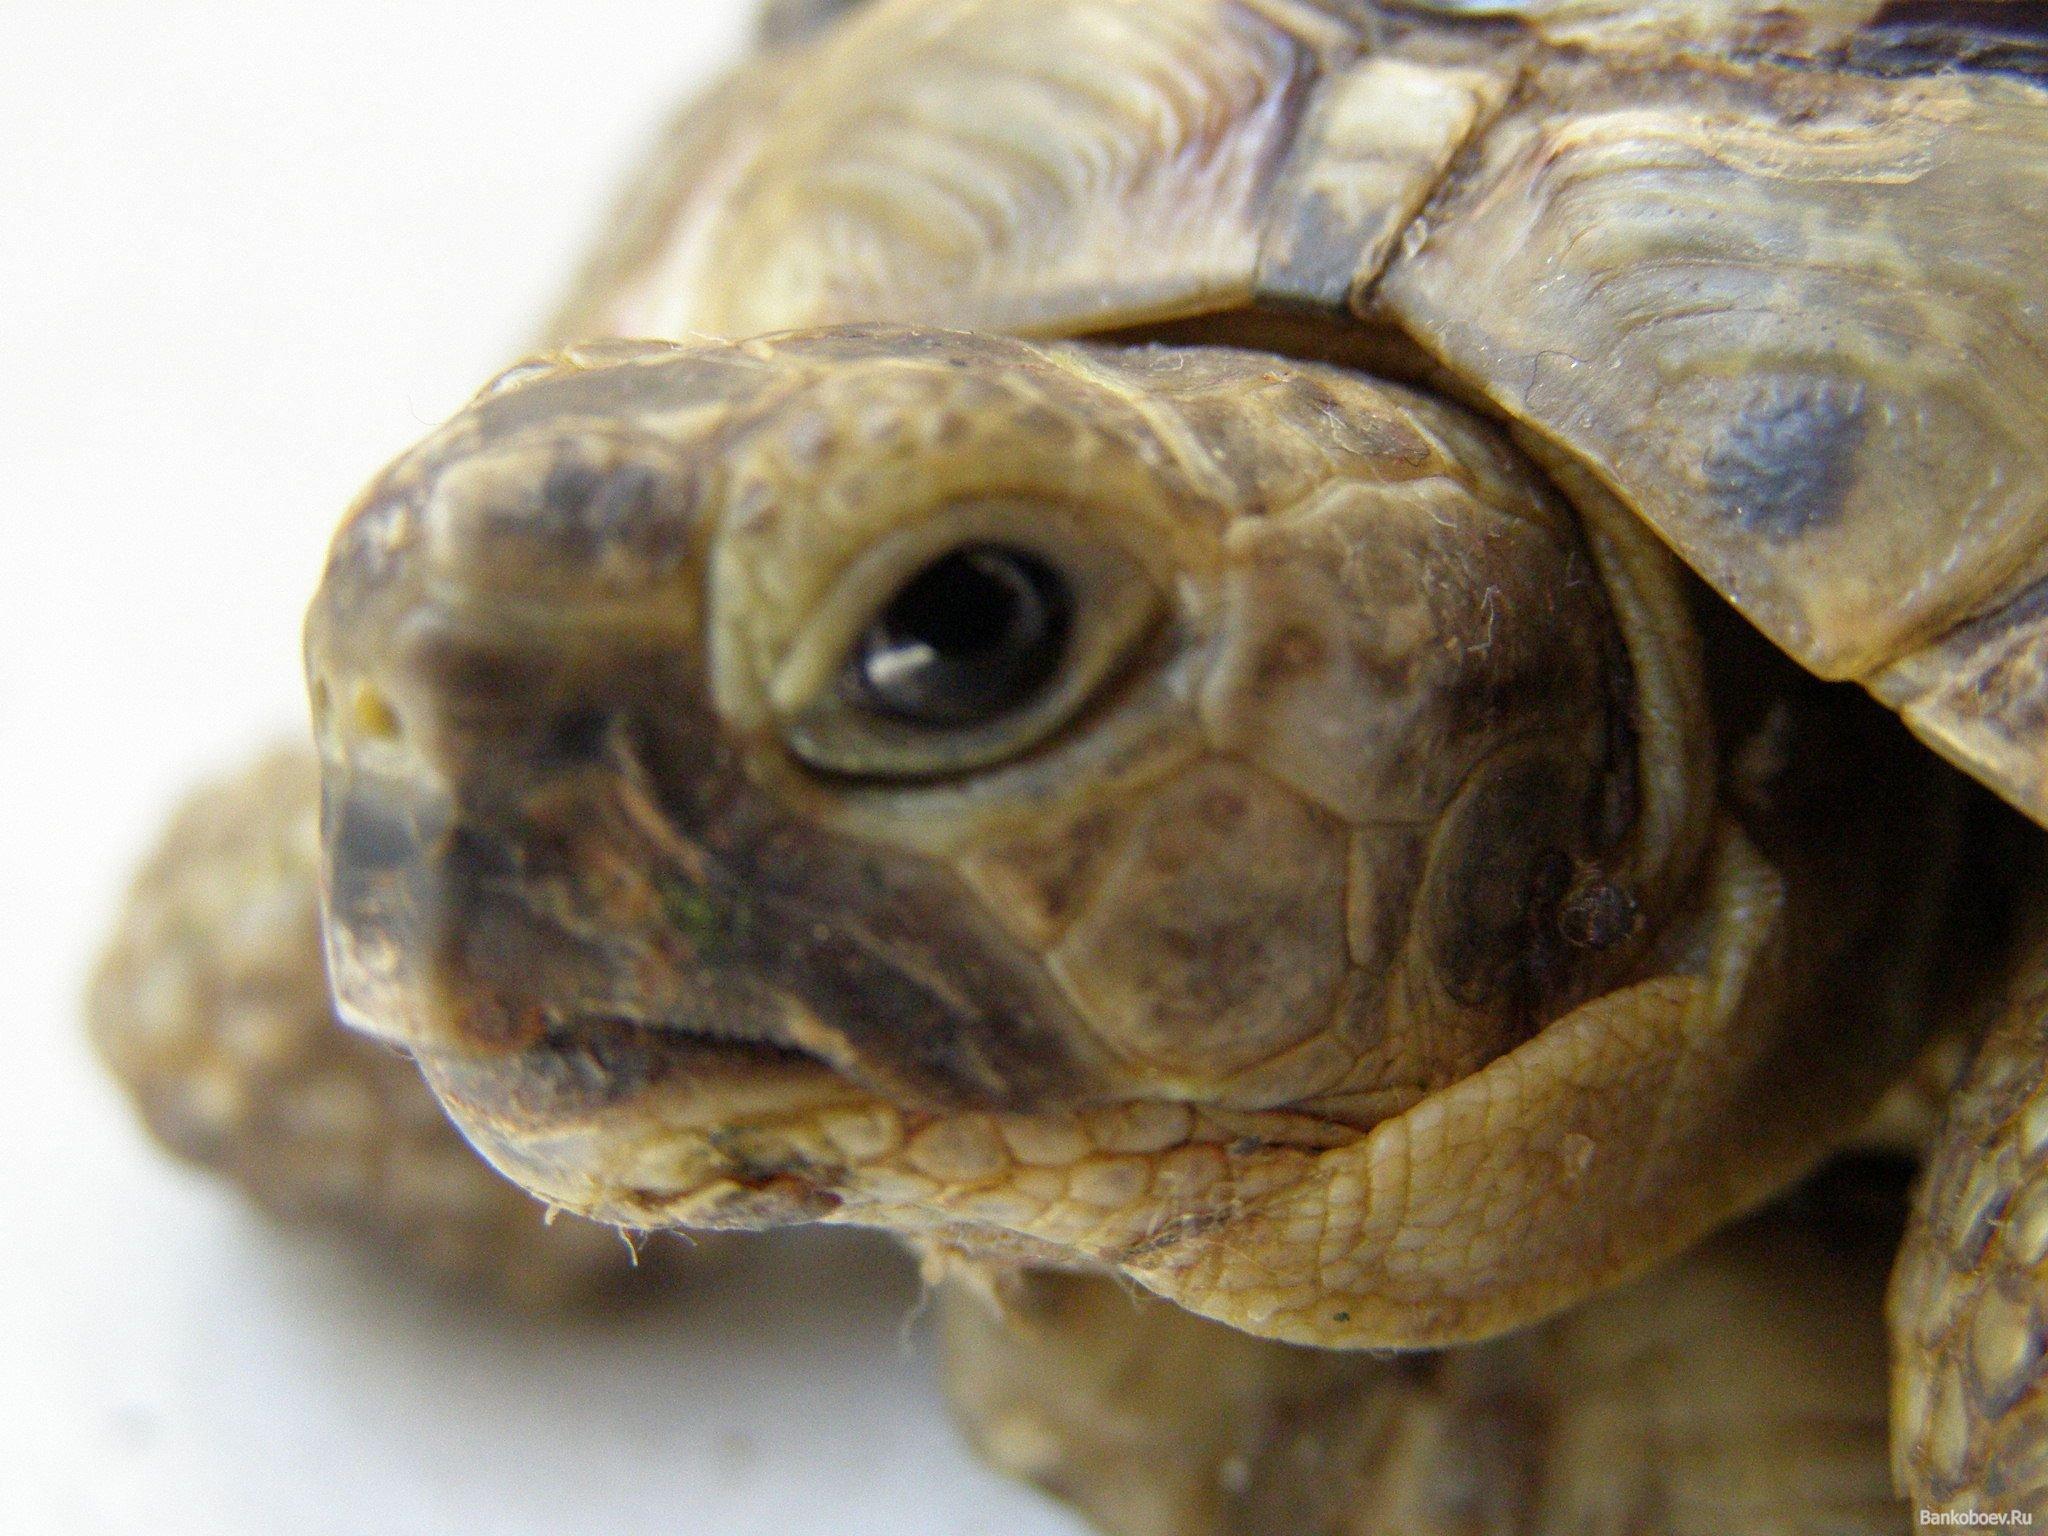 Решил стать хозяином и другом этого замечательного животного. Совсем скоро в мой дом зайдёт среднеазиатская черепаха ... - Изображение 1